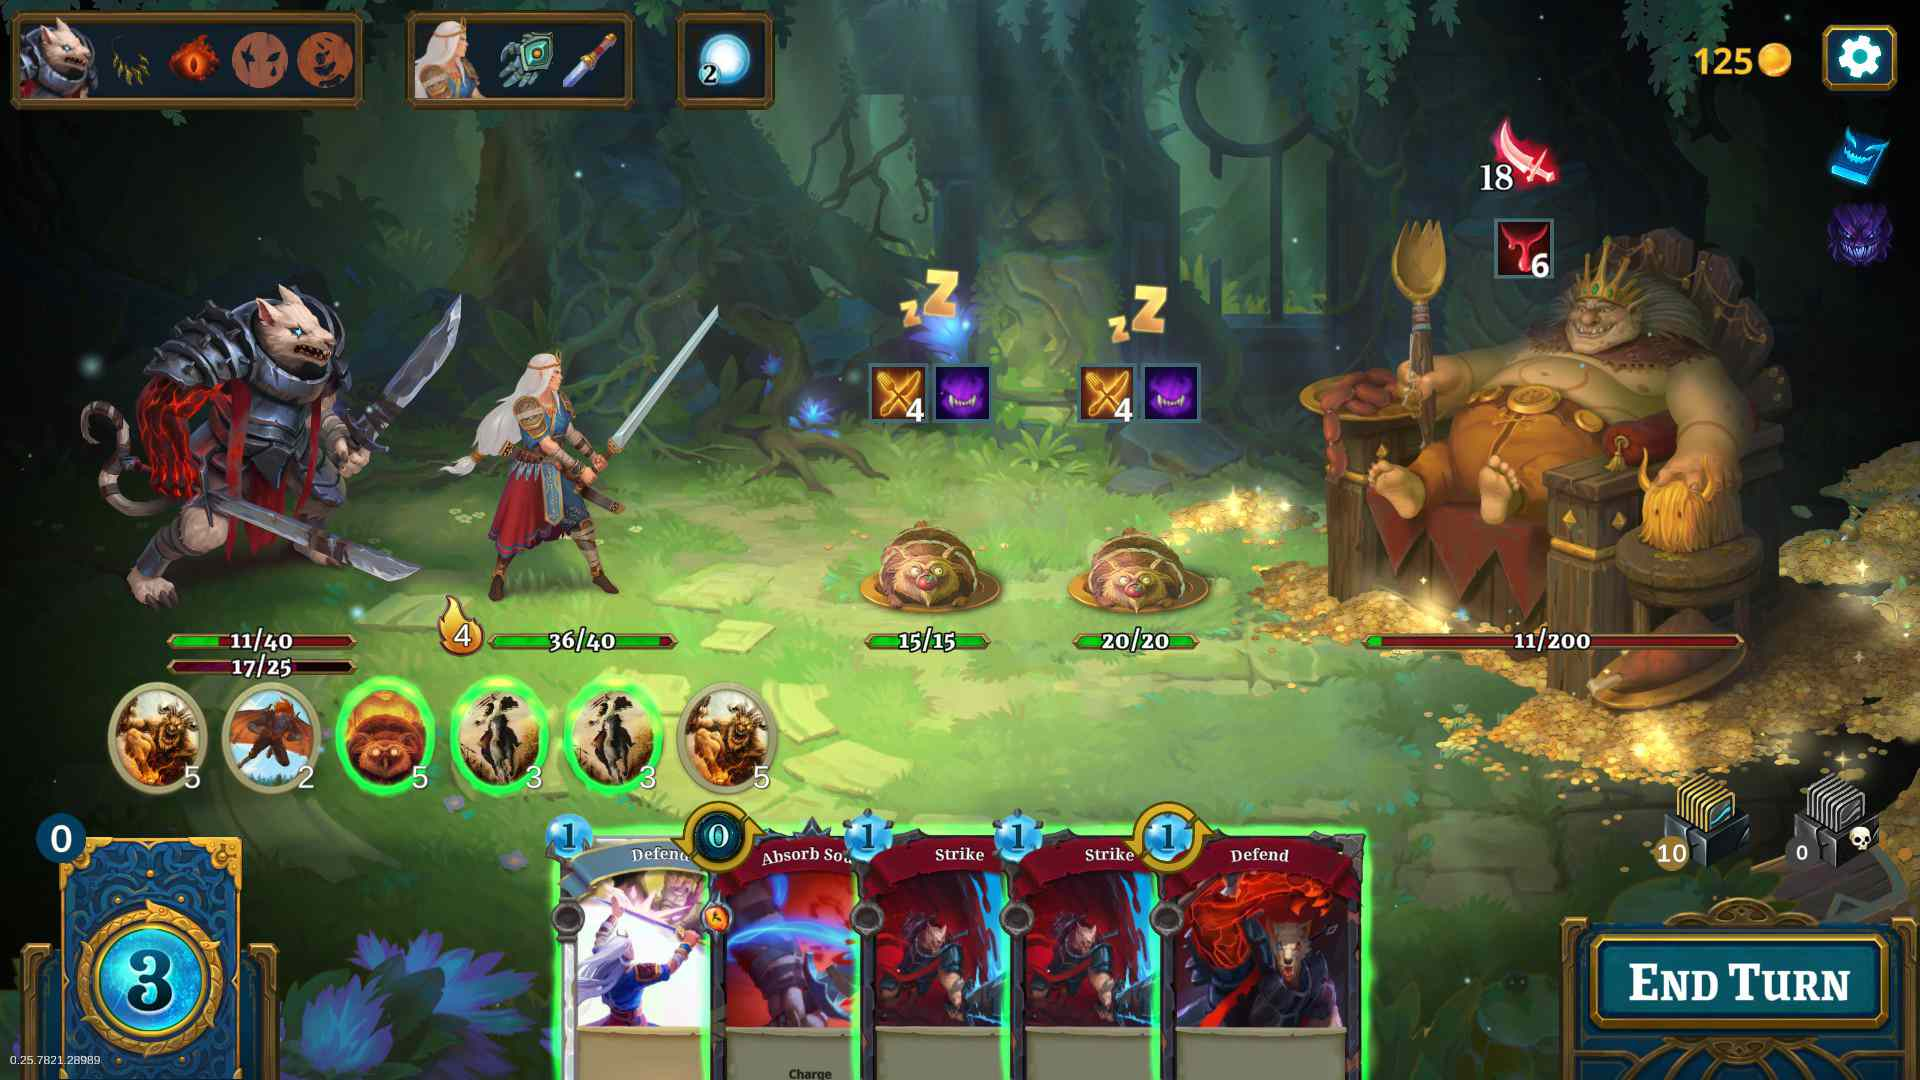 Screenshot from 'Roguebook.'